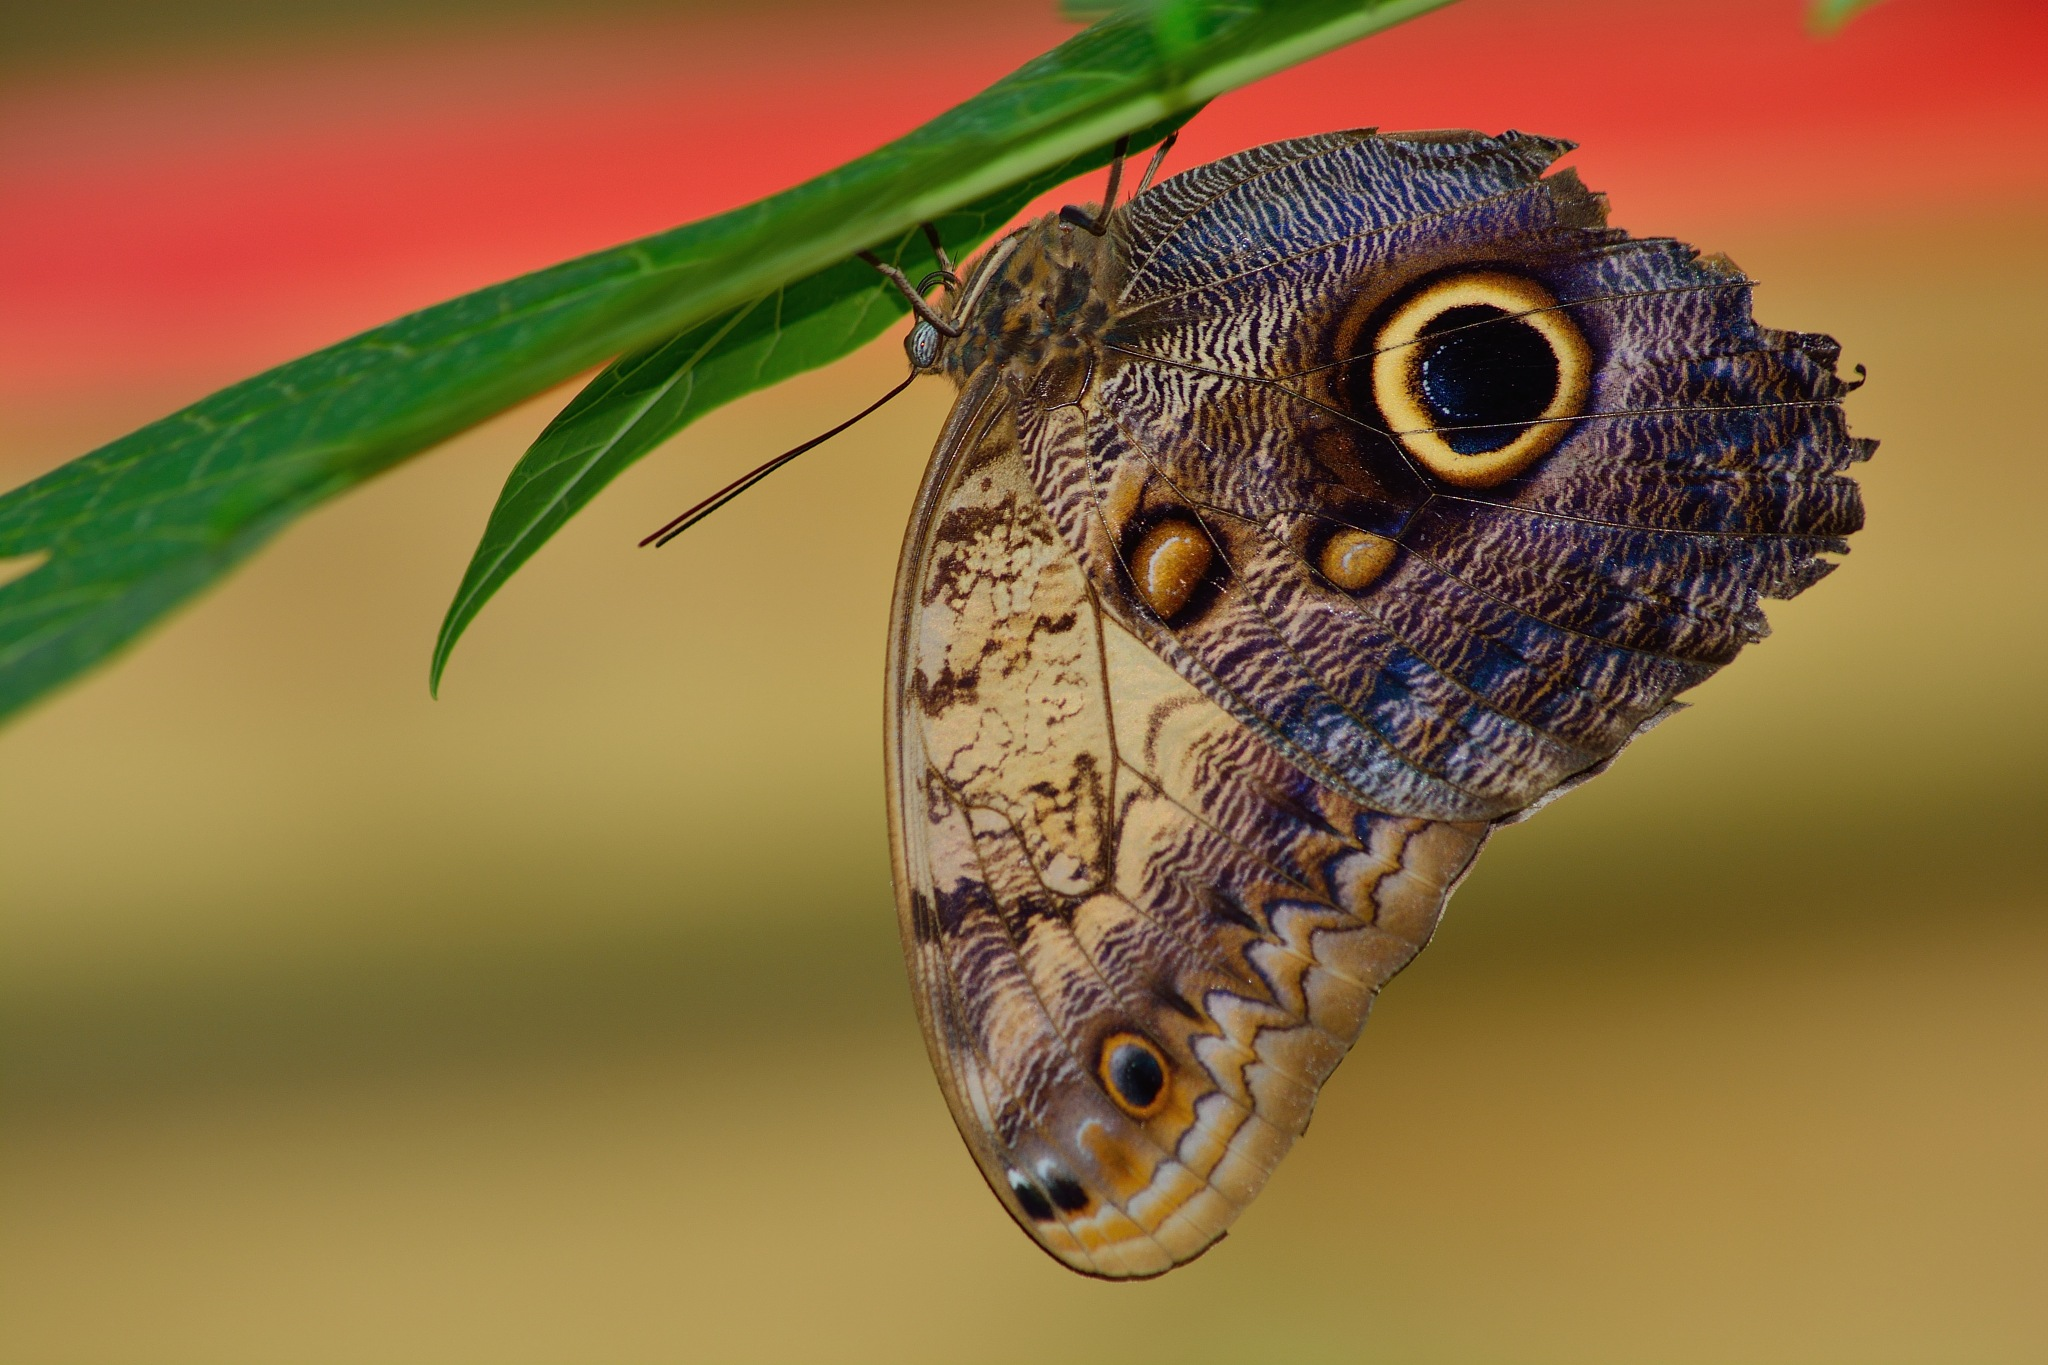 Morpho Butterfly by Jotneb